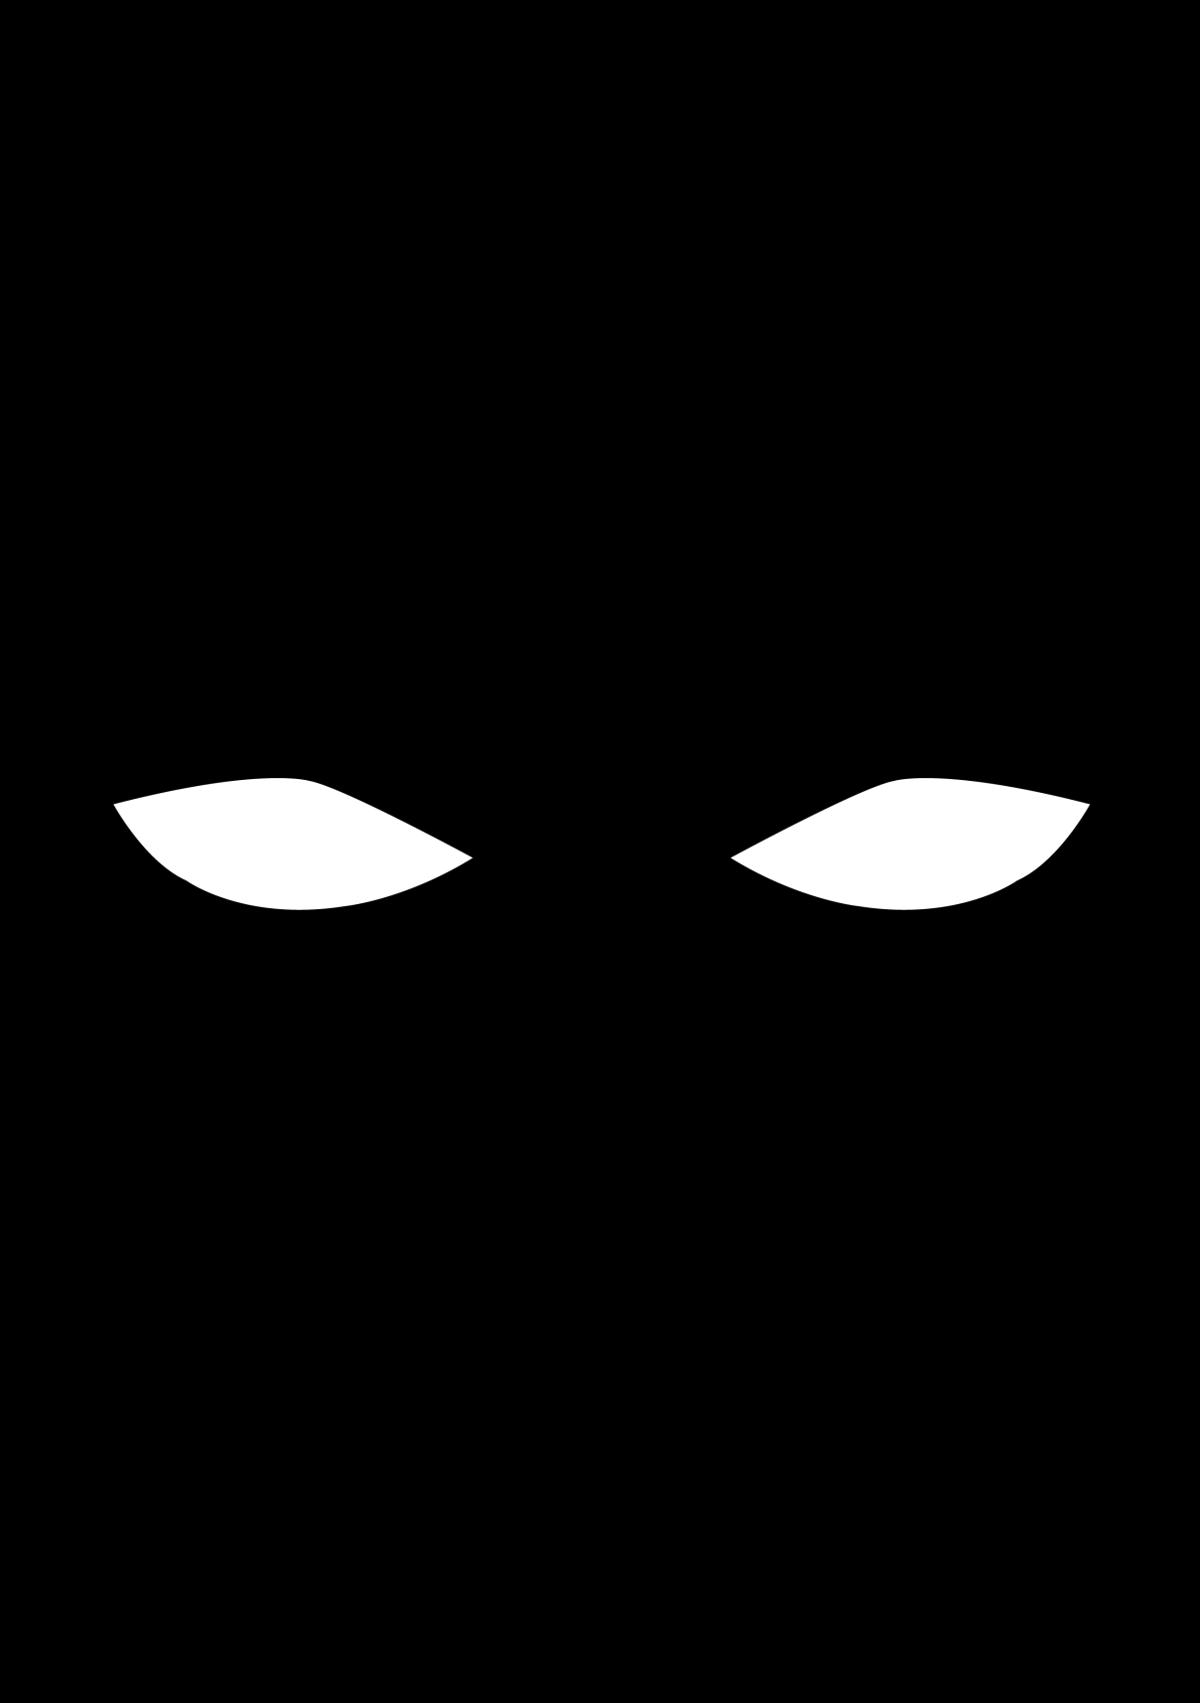 Google Image Result For Https Clipart Wpblink Com Sites Default Files Wallpaper Black Panther Clipart 462921 Black Panther Cli Pantera Negra Pantera Dragones